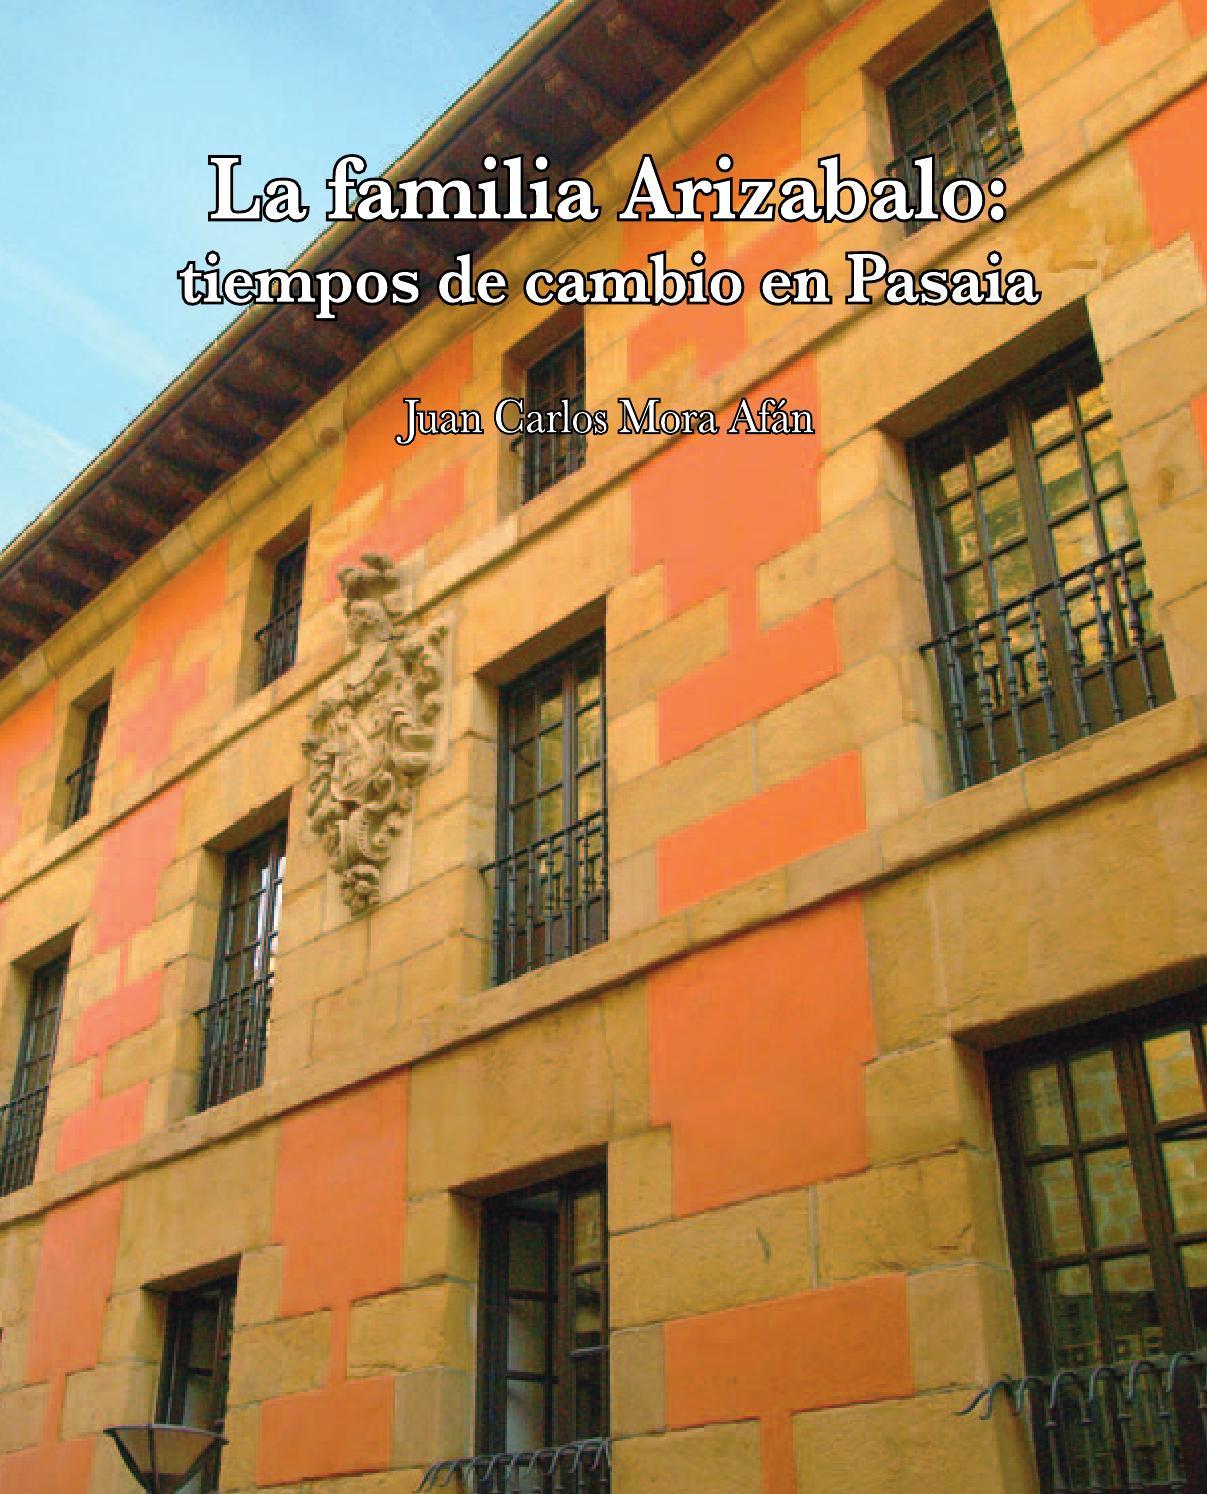 La Familia Arizabalo Tiempos De Cambio En Pasaia Sorgi Arri 4  # Muebles Rey Lezo Horario